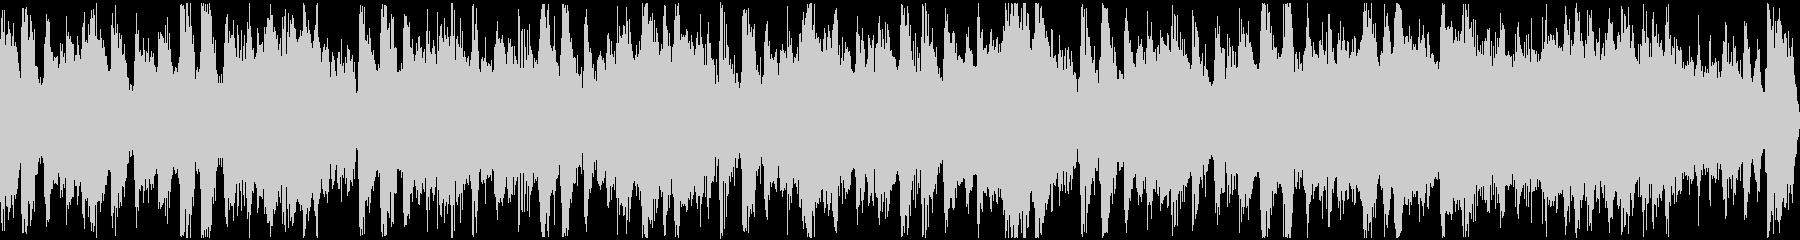 サックスとグルーヴィなバンドサウンドの未再生の波形